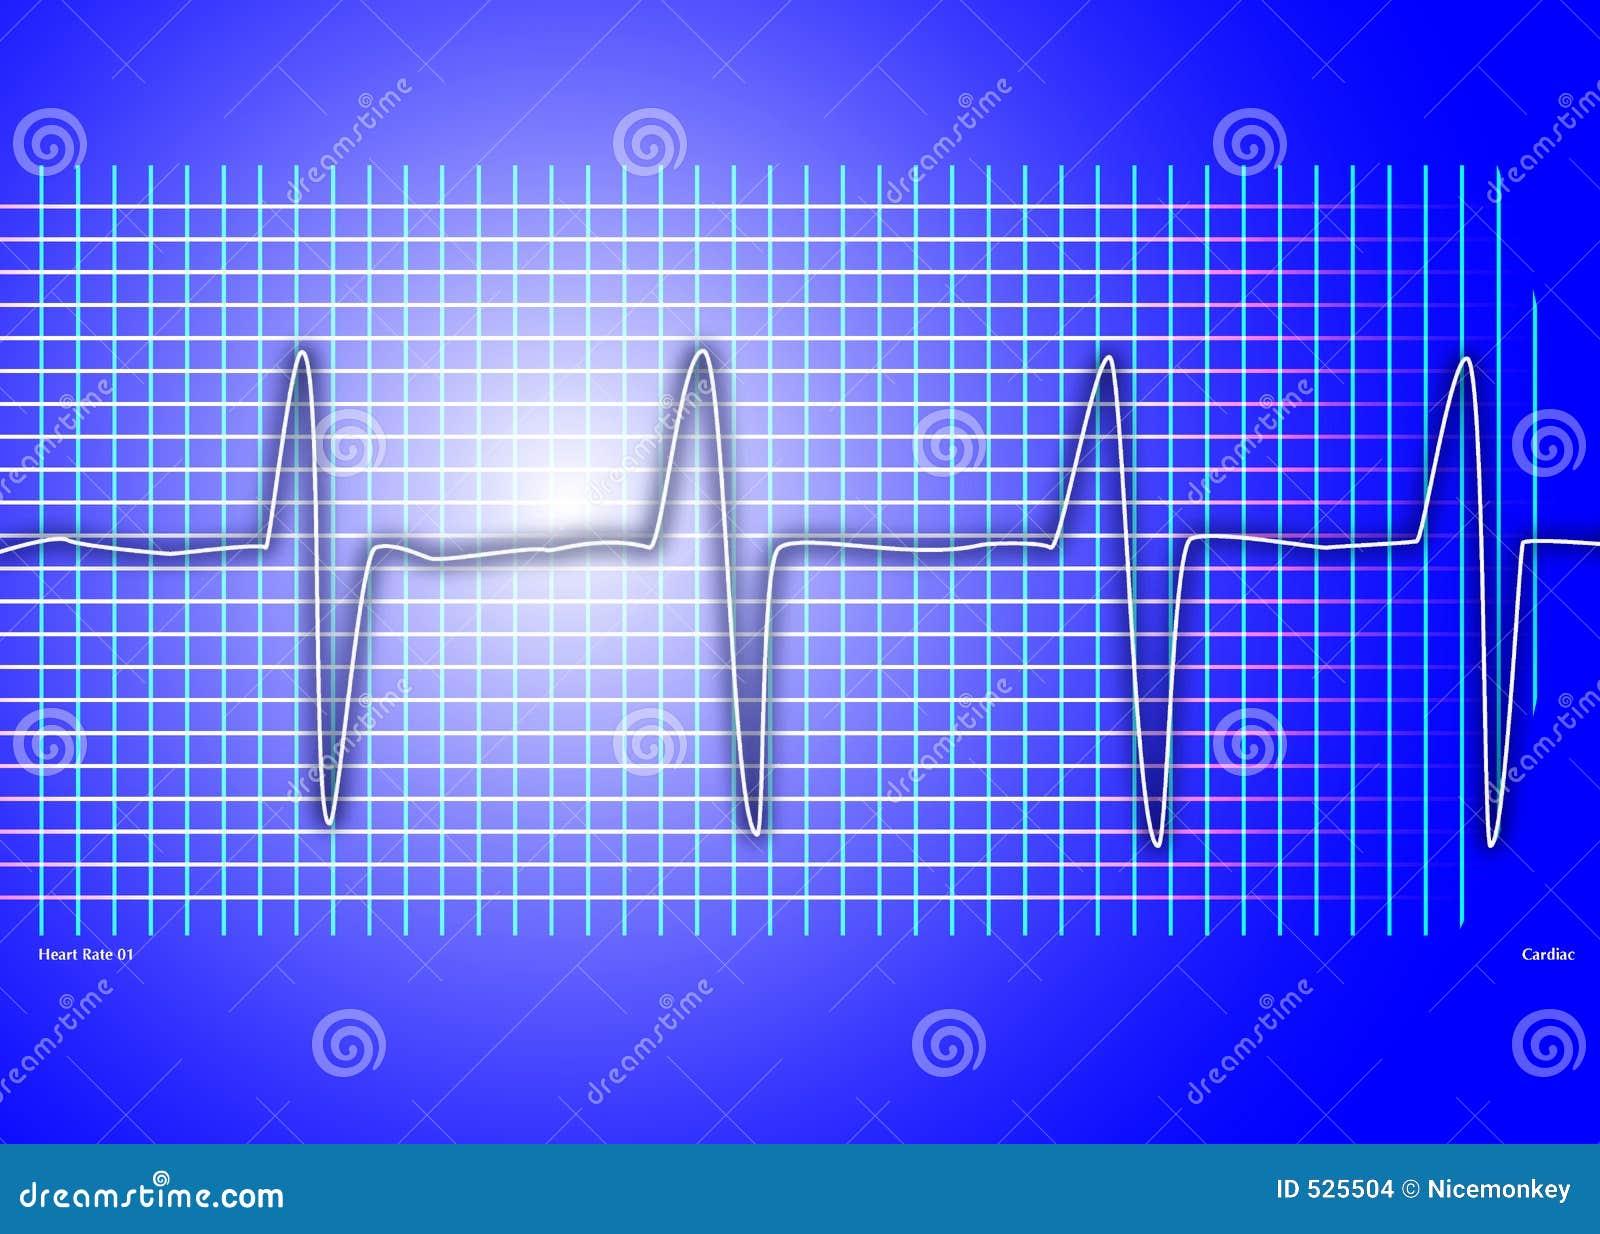 μπλε καρδιακή γραφική παράσταση